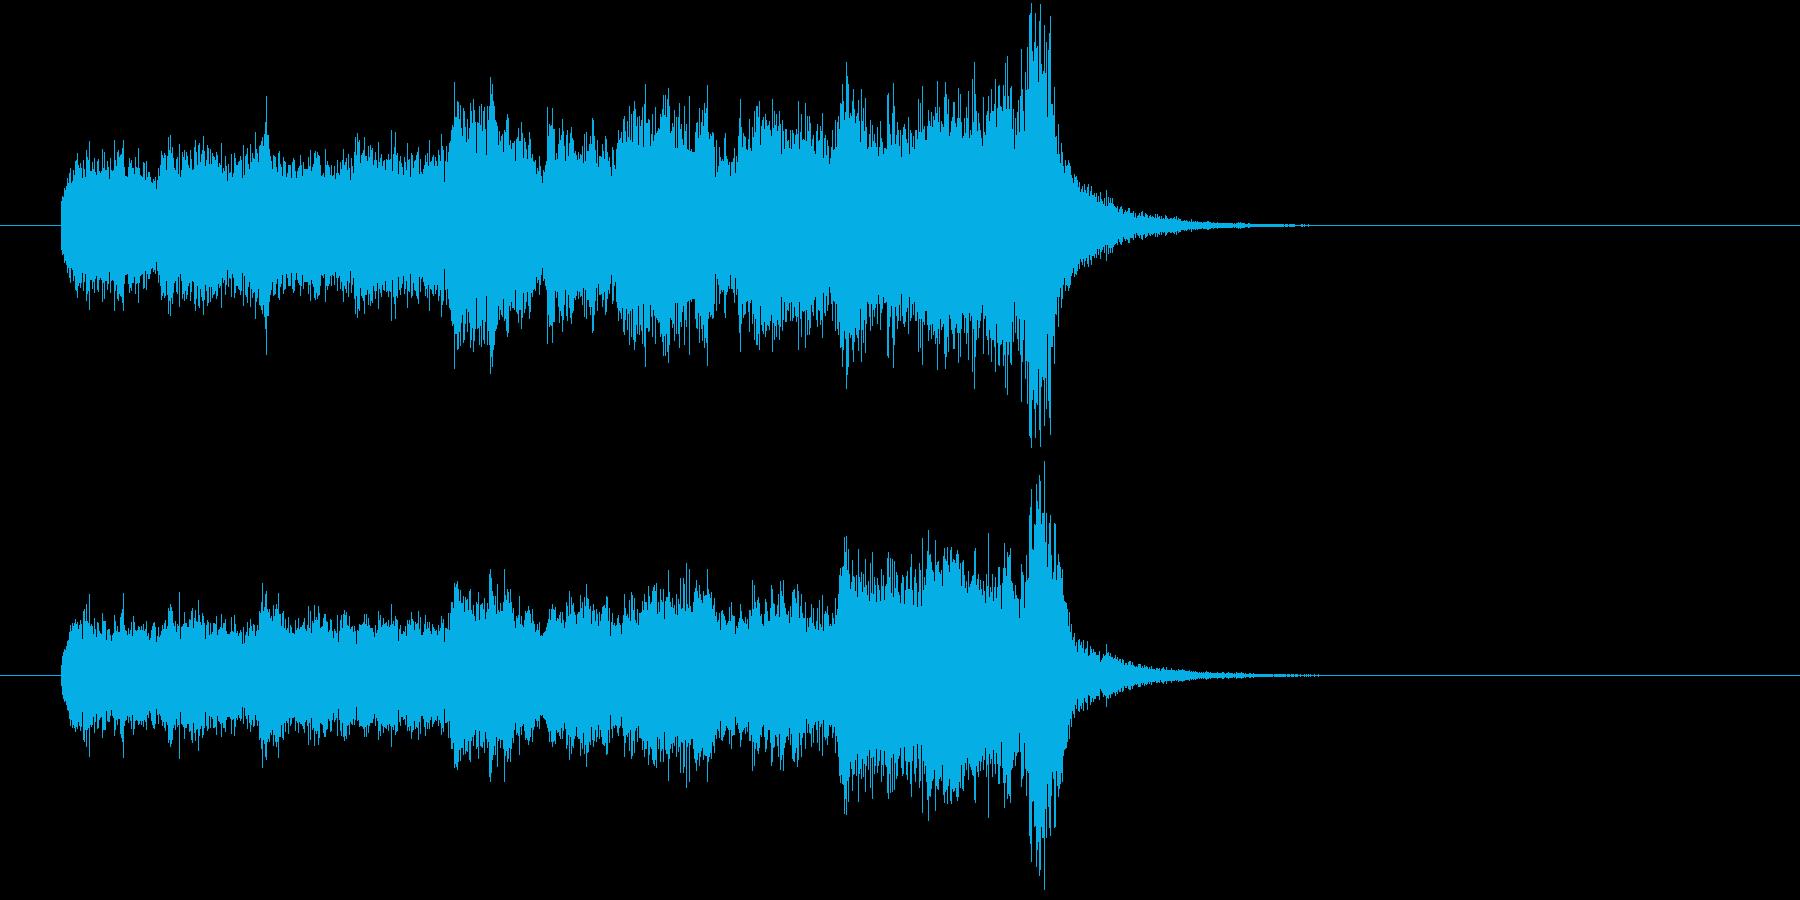 ジングル(おとぎの国風)の再生済みの波形